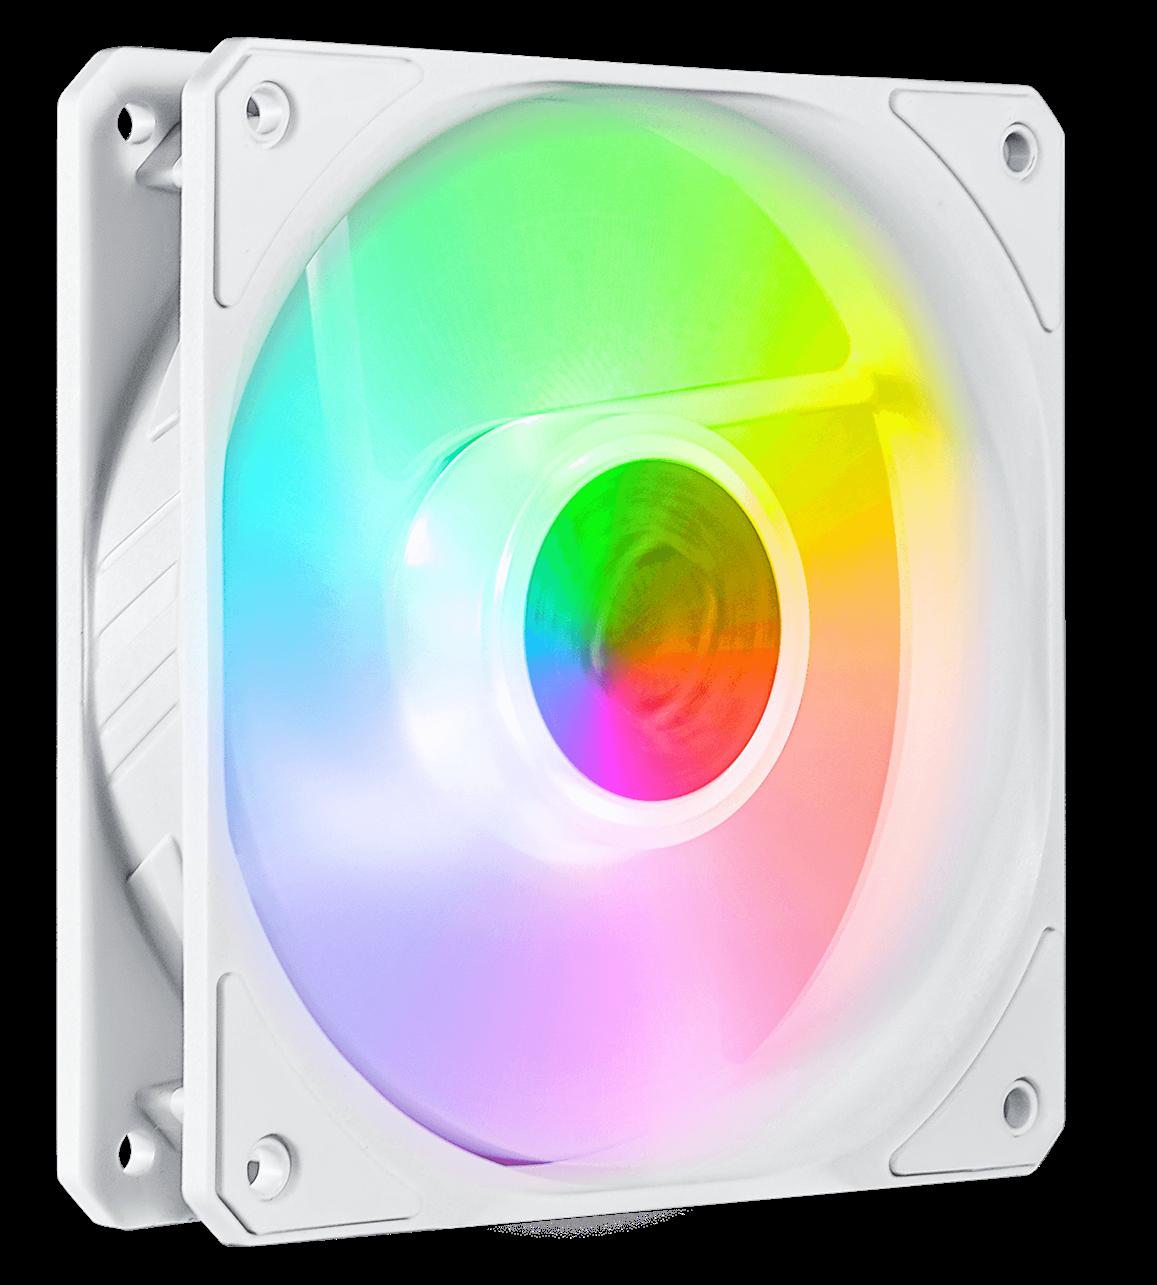 Cooler Master SickleFlow 120 V2 ARGB White Edition